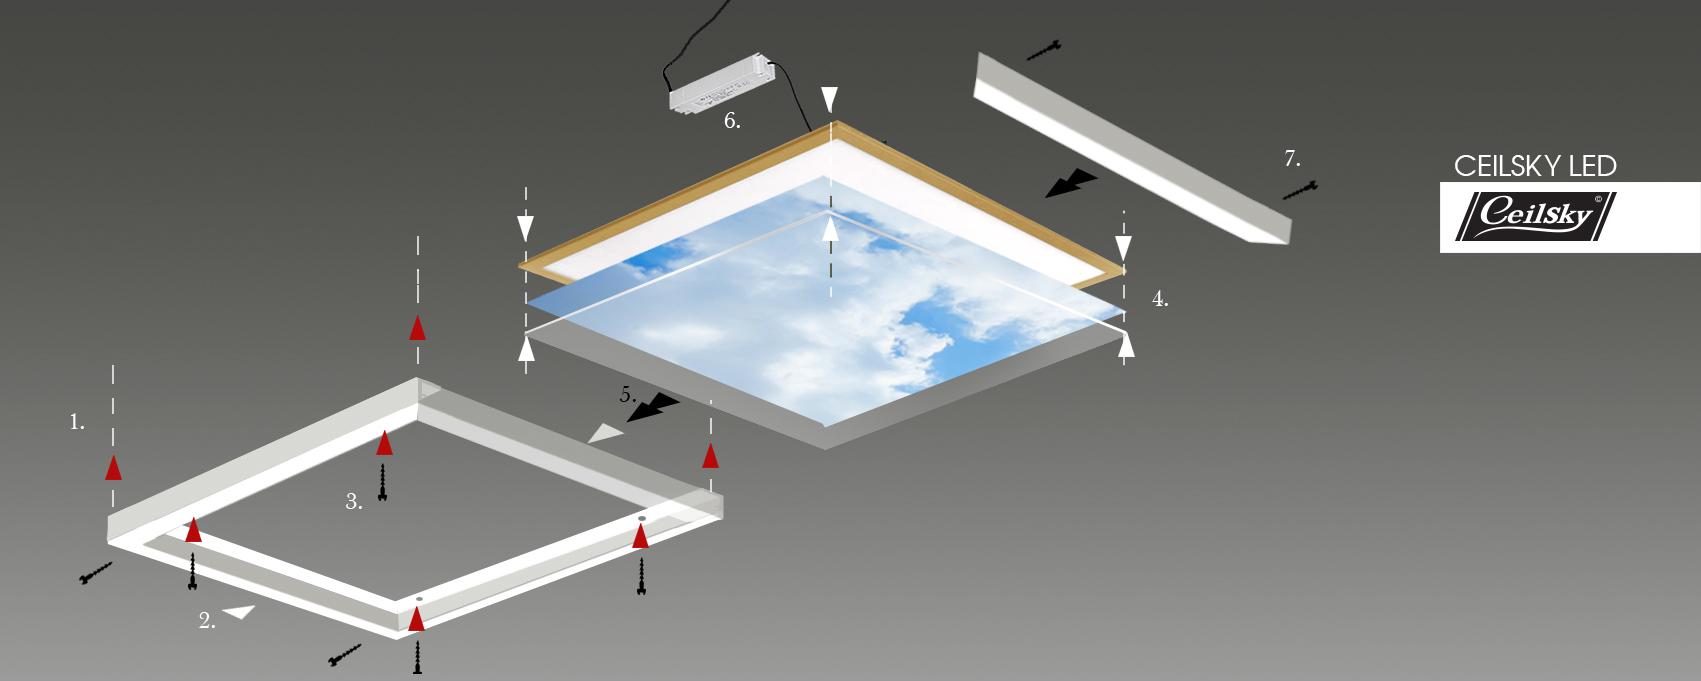 Systeemplafond fotoplafond Ceilsky